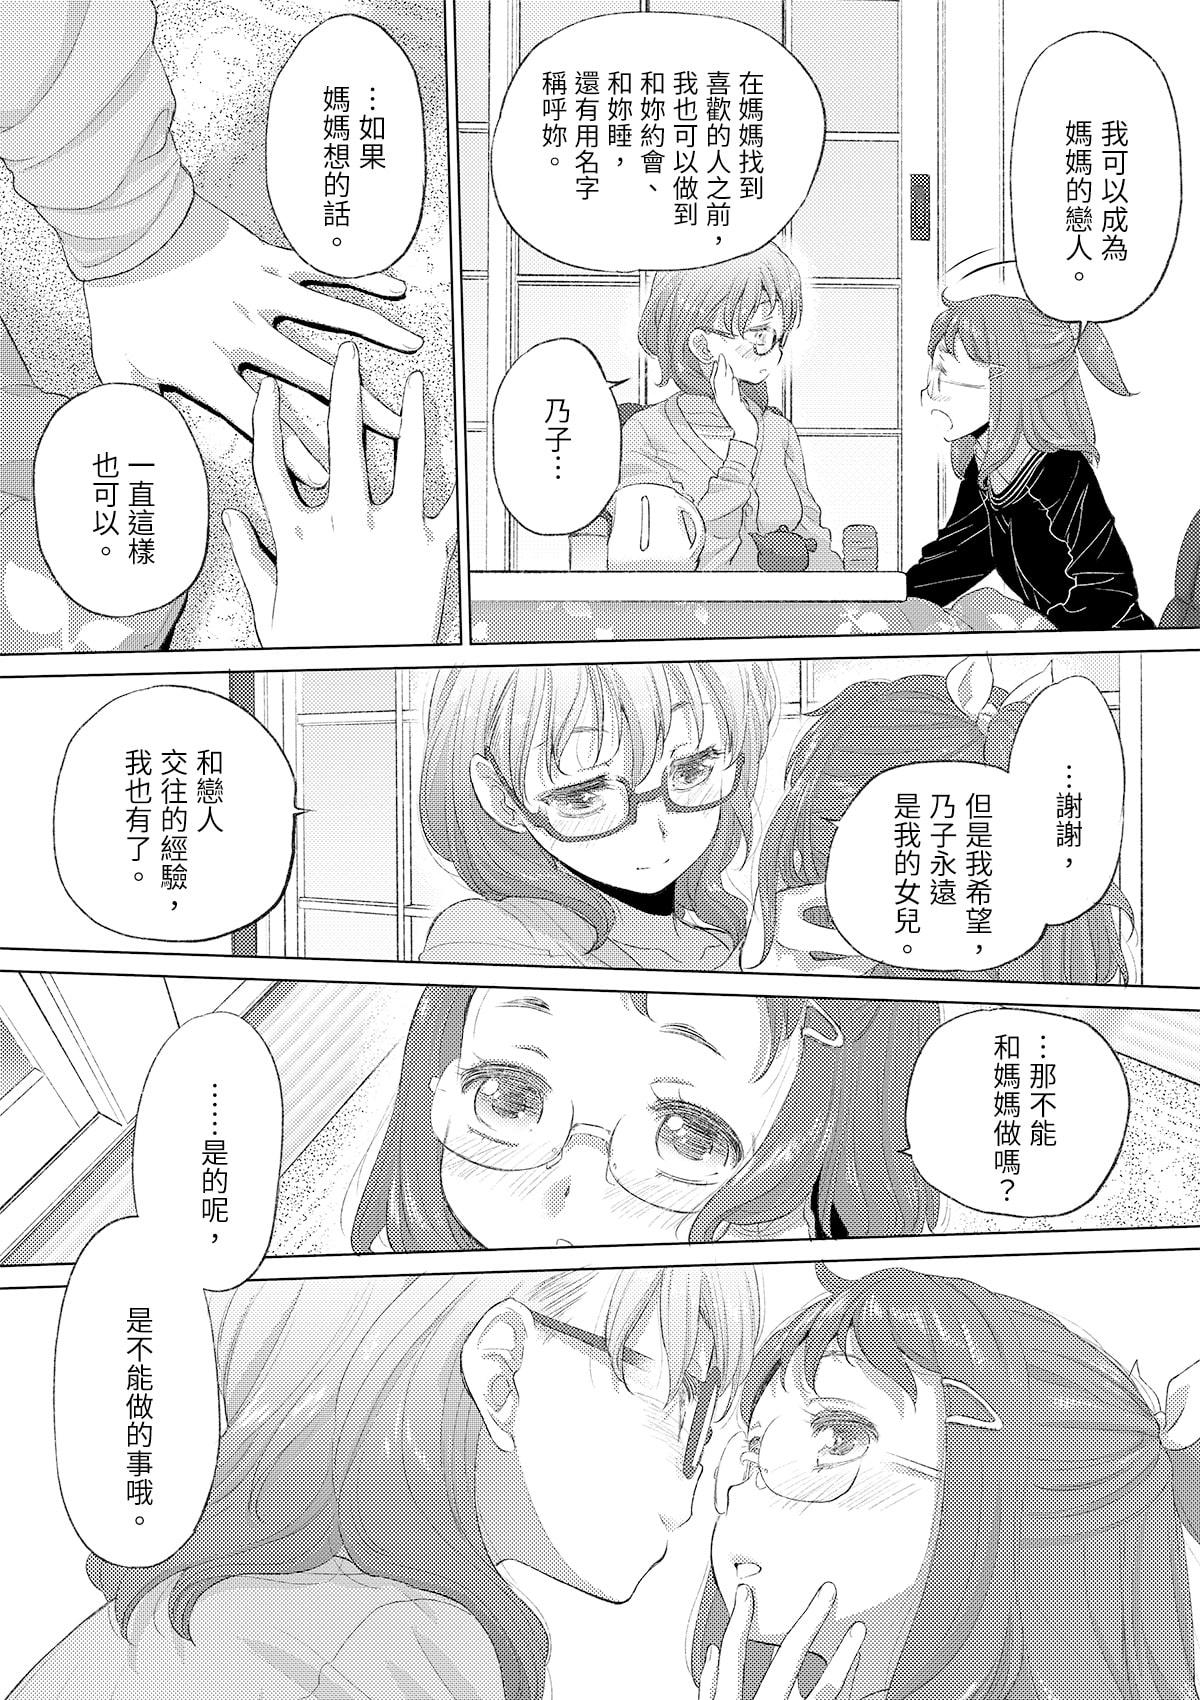 【中文】親子百合漫畫合集 『My Sweet Home』我甜蜜的家